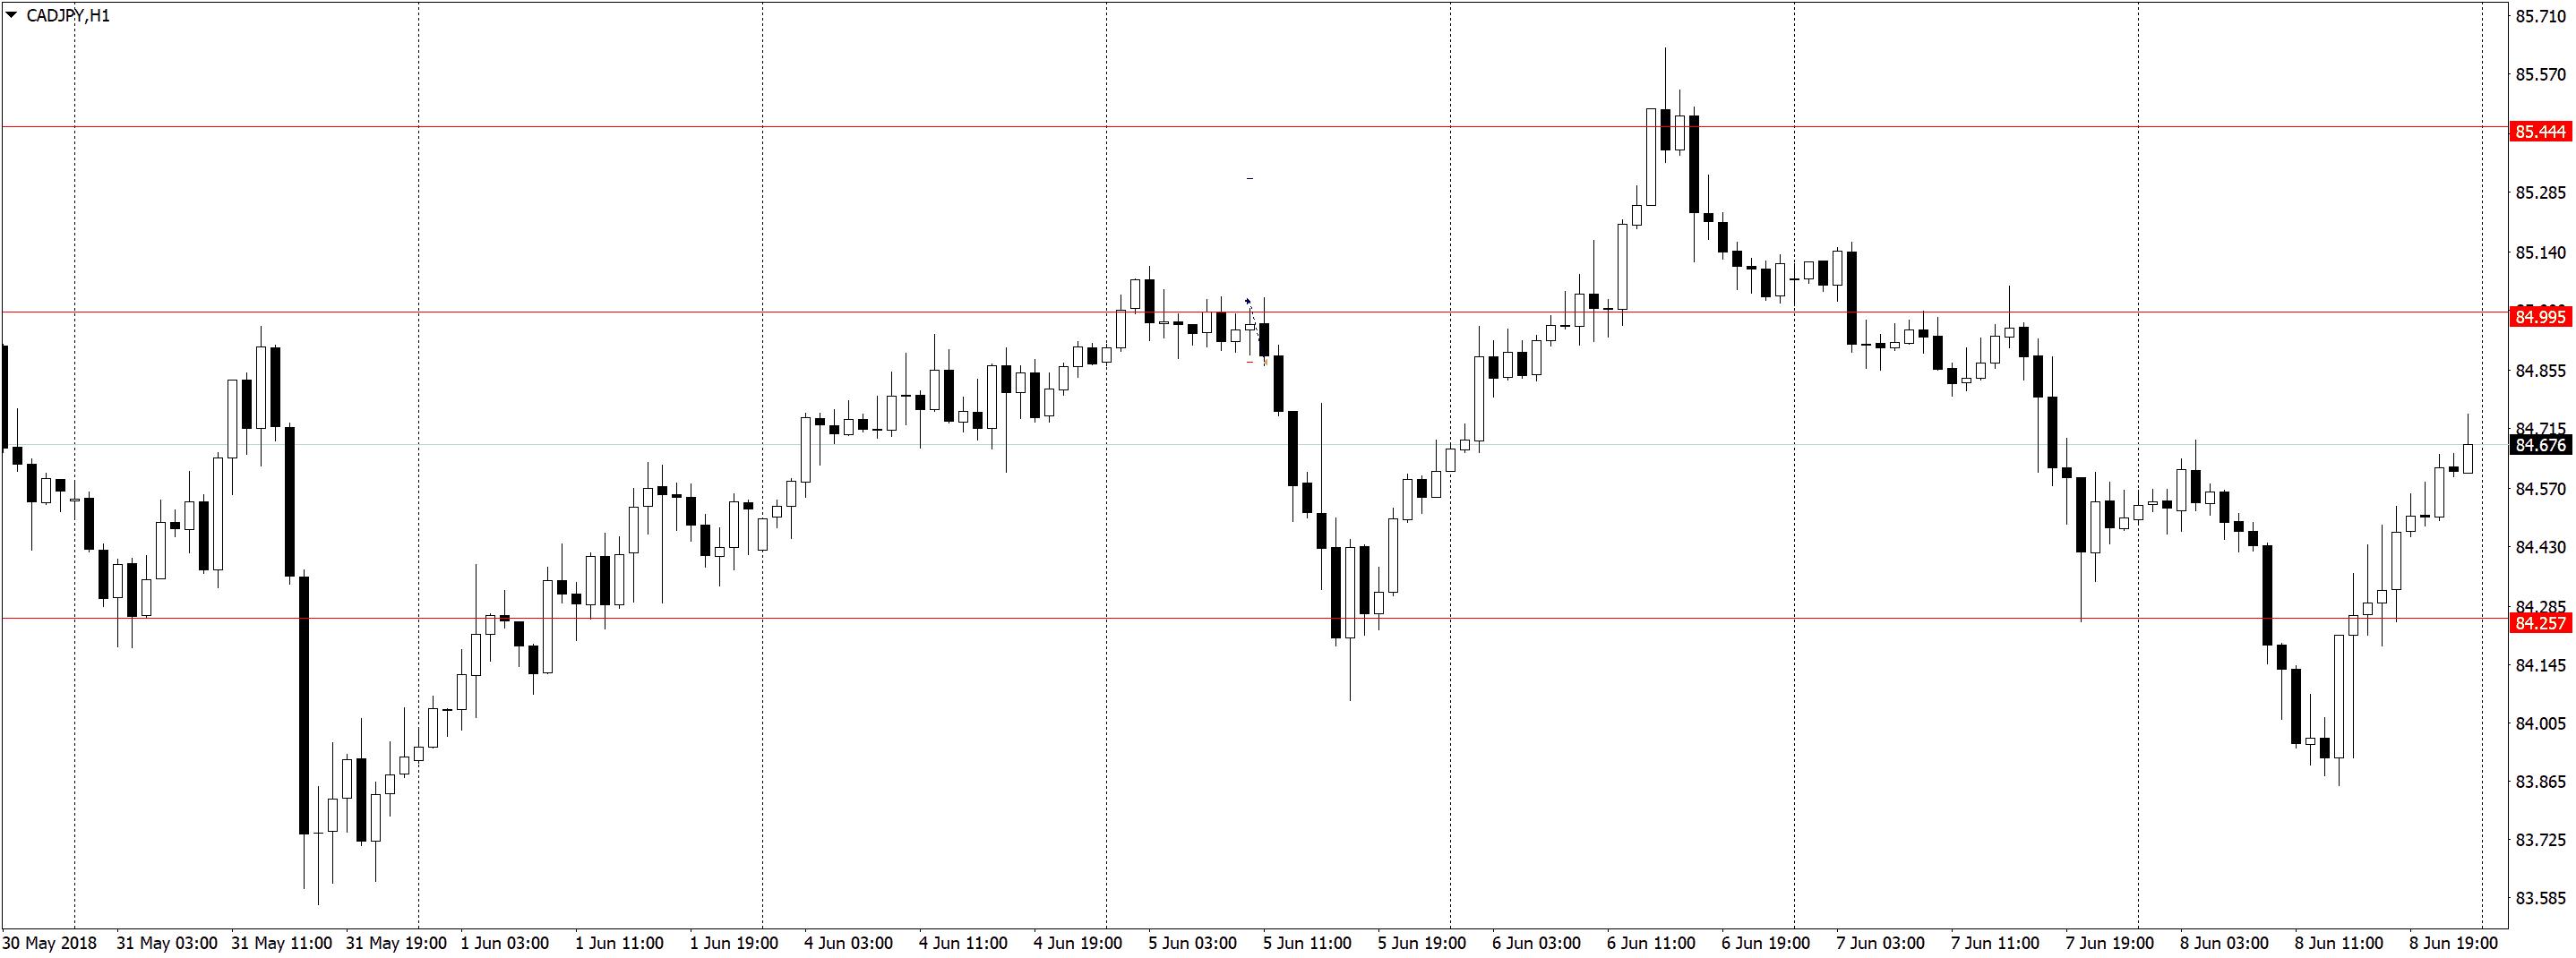 CADJPYH1 Торговля по H1, трейдинг в удовольствие, три состояния рынка